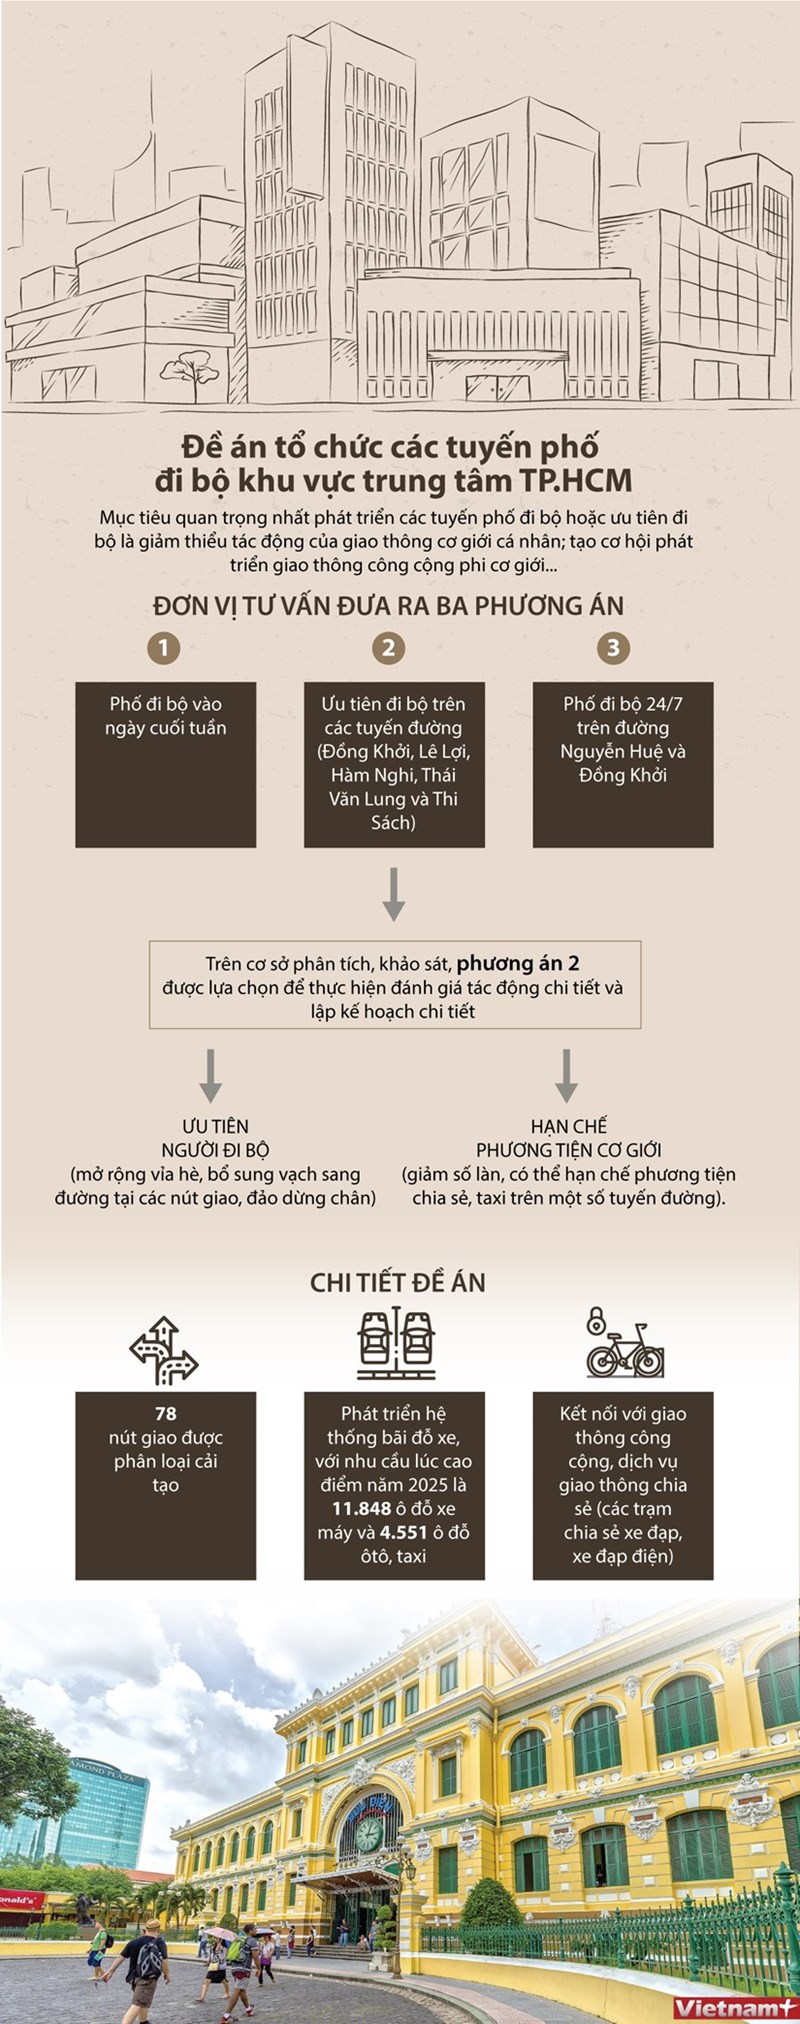 [Infographics] TP. Hồ Chí Minh: Hơn 74 tỷ đồng cho 5 tuyến đi bộ mới  - Ảnh 1